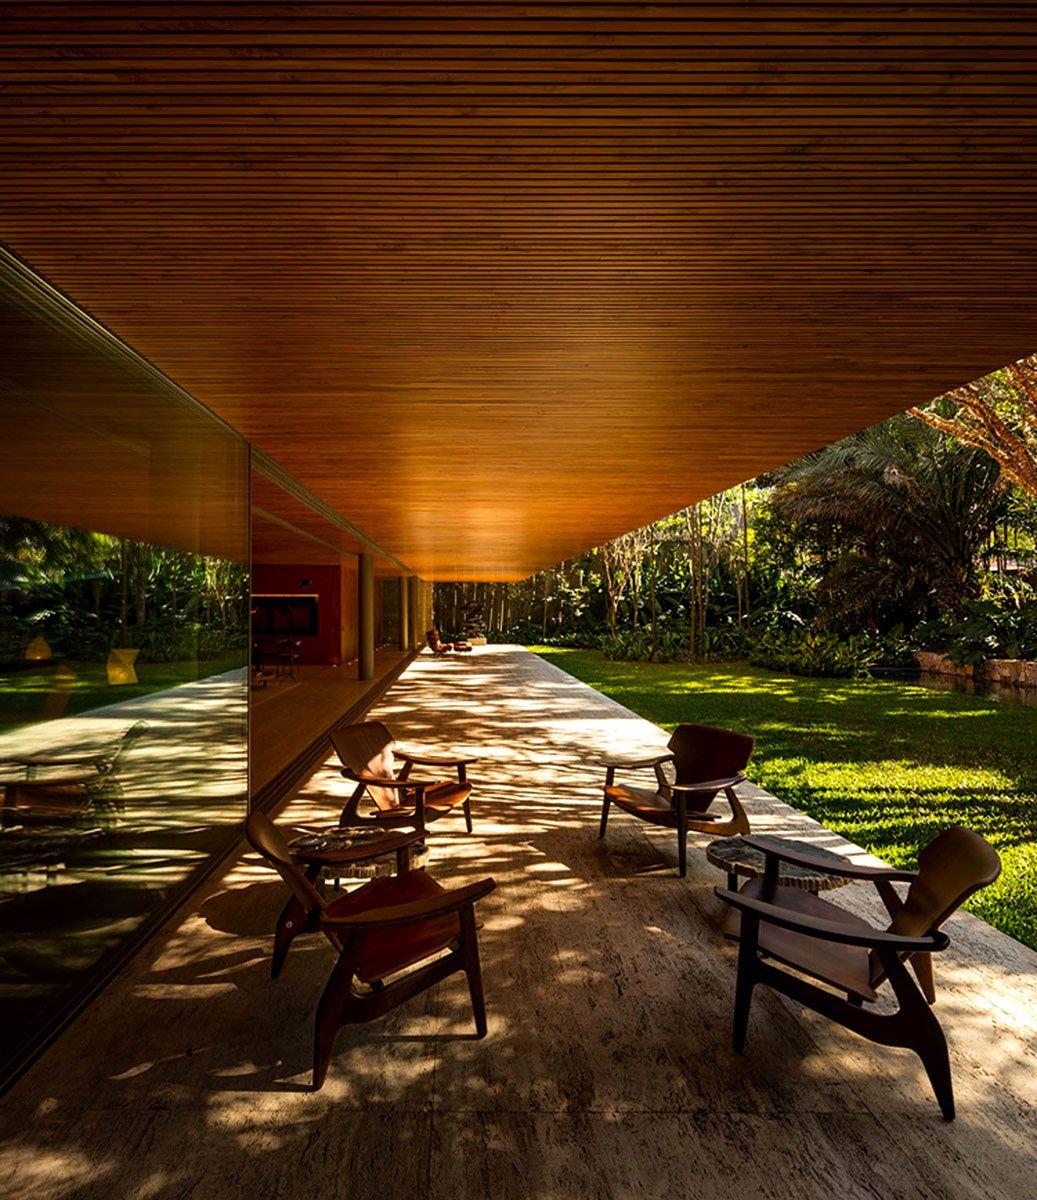 Una terraza a la sombra para protegerse del calor de Brasil. | Galería de fotos 16 de 19 | AD MX